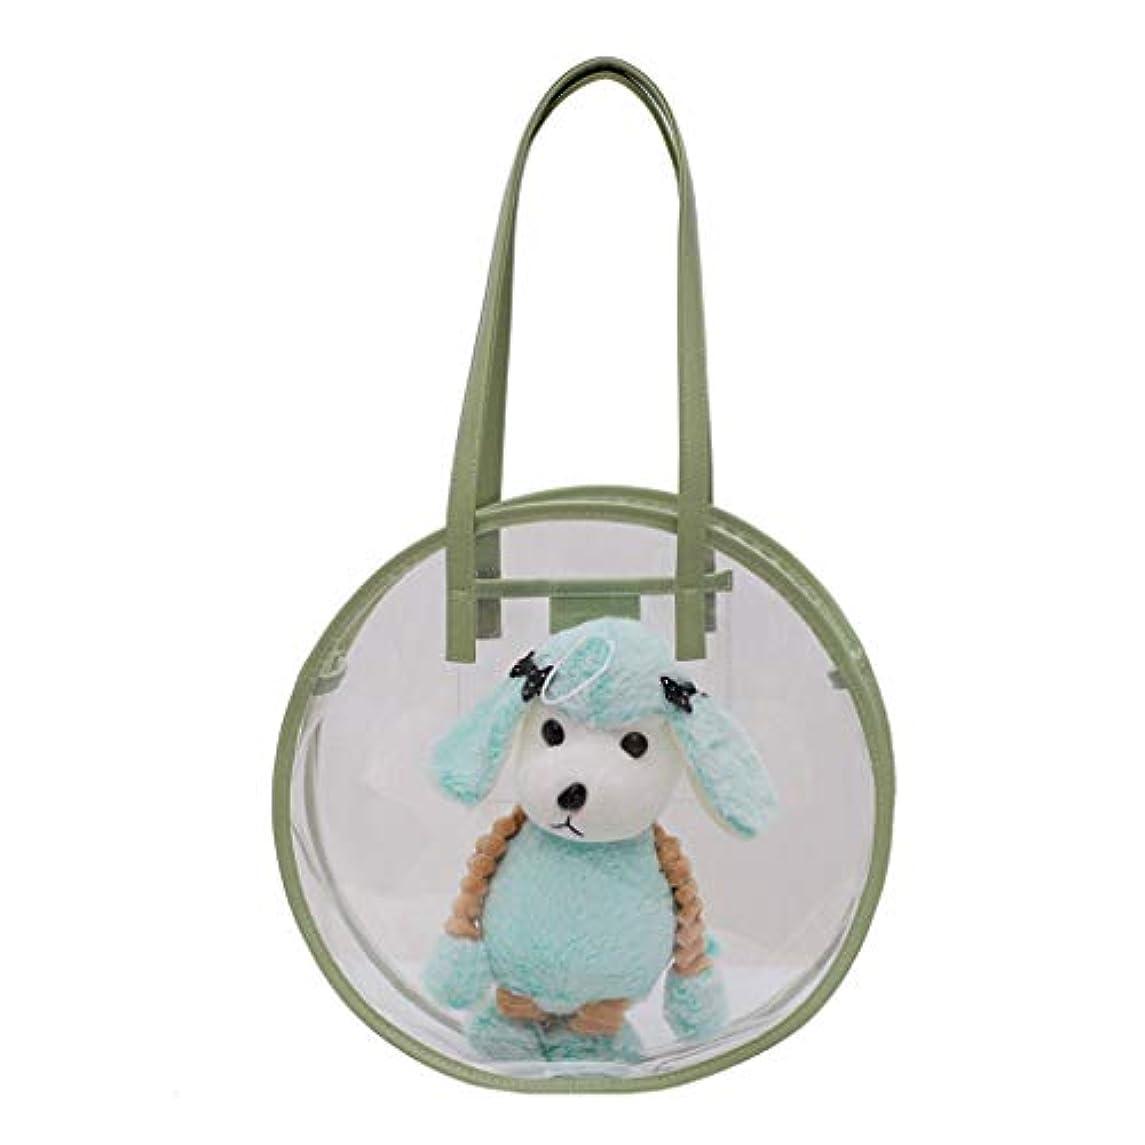 紫の庭園誘導かわいいファッション 犬の特徴 透明防水 ビーチバッグ ポータブル 透明化粧品バッグ 旅行用メイクポーチ ジッパー 防水 トートバッグ 取り外し可能 調整 33X9X33cm 3色